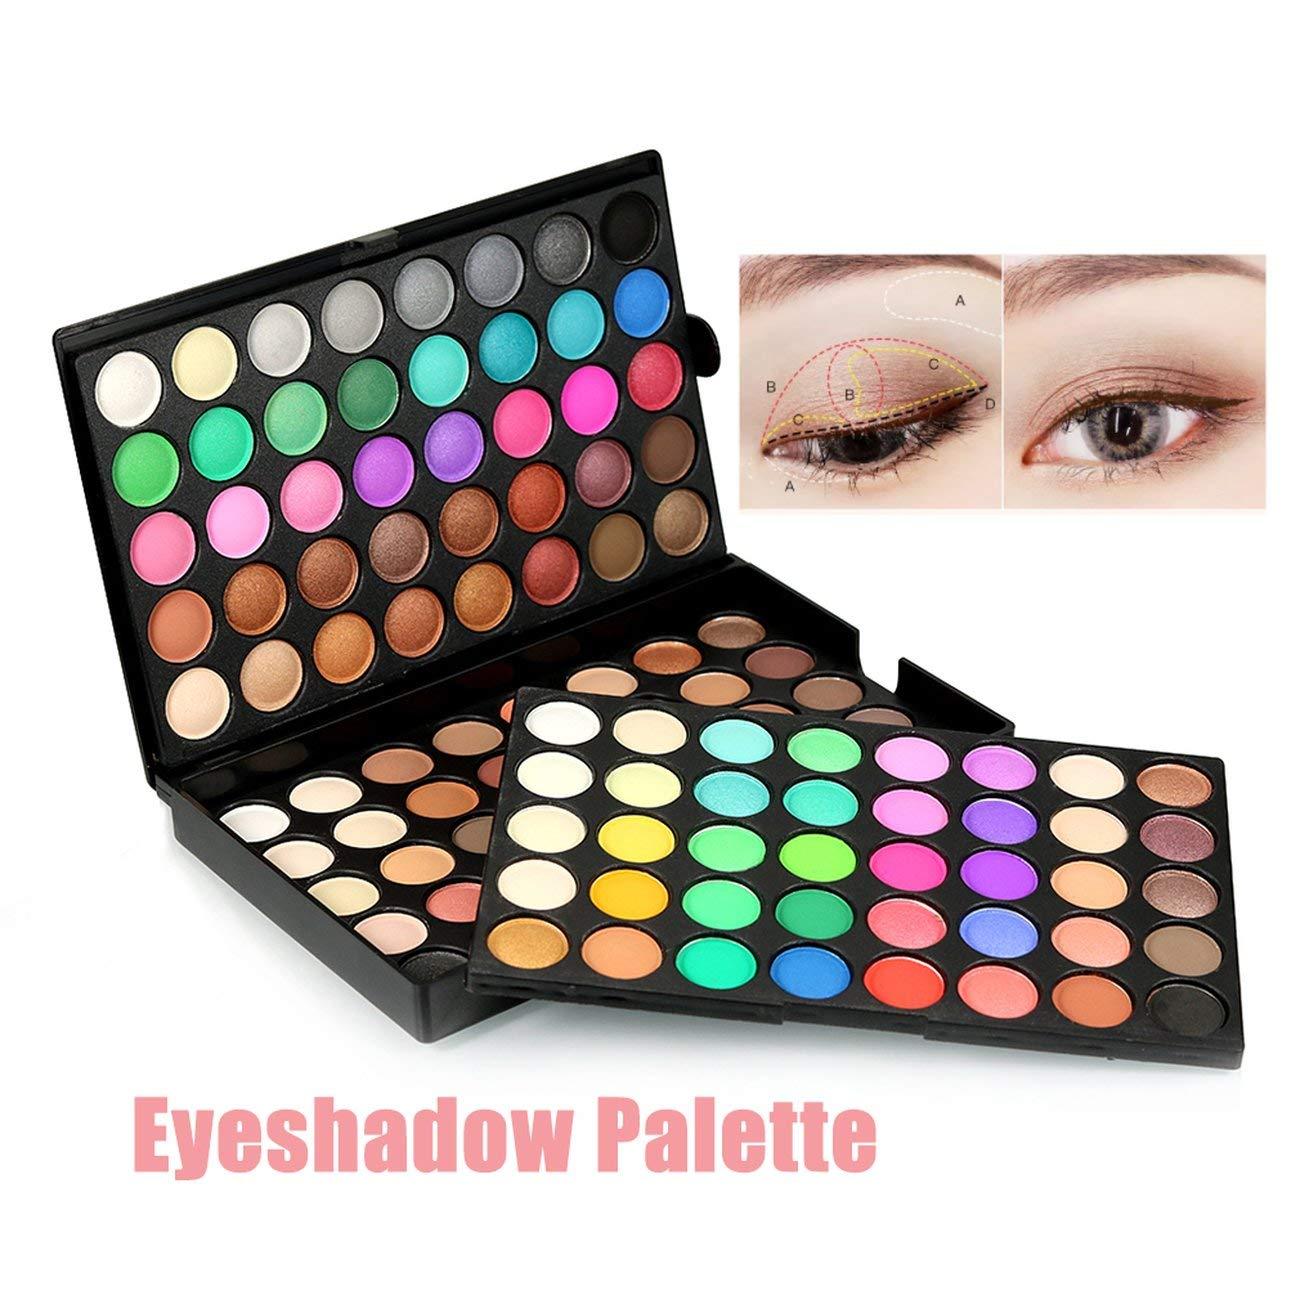 Fannty Outil cosm/étique de Maquillage de Palette Professionnelle l/ég/ère de Palette de Fard /à paupi/ères de 120 Couleurs